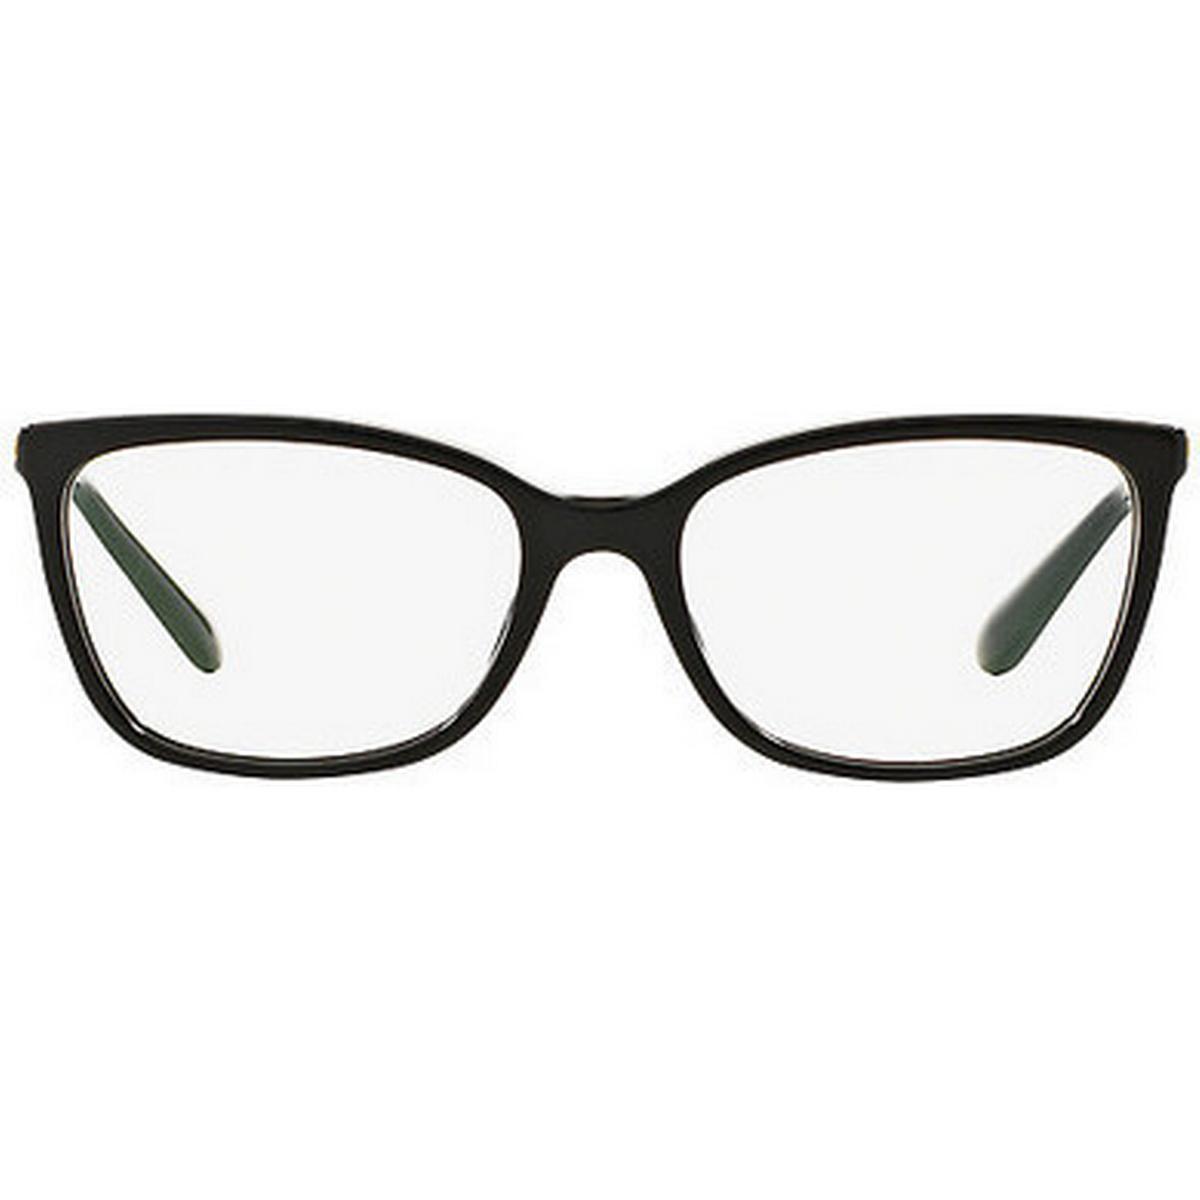 30838ed7d9fc Dolce   Gabbana Briller - Sammenlign priser hos PriceRunner